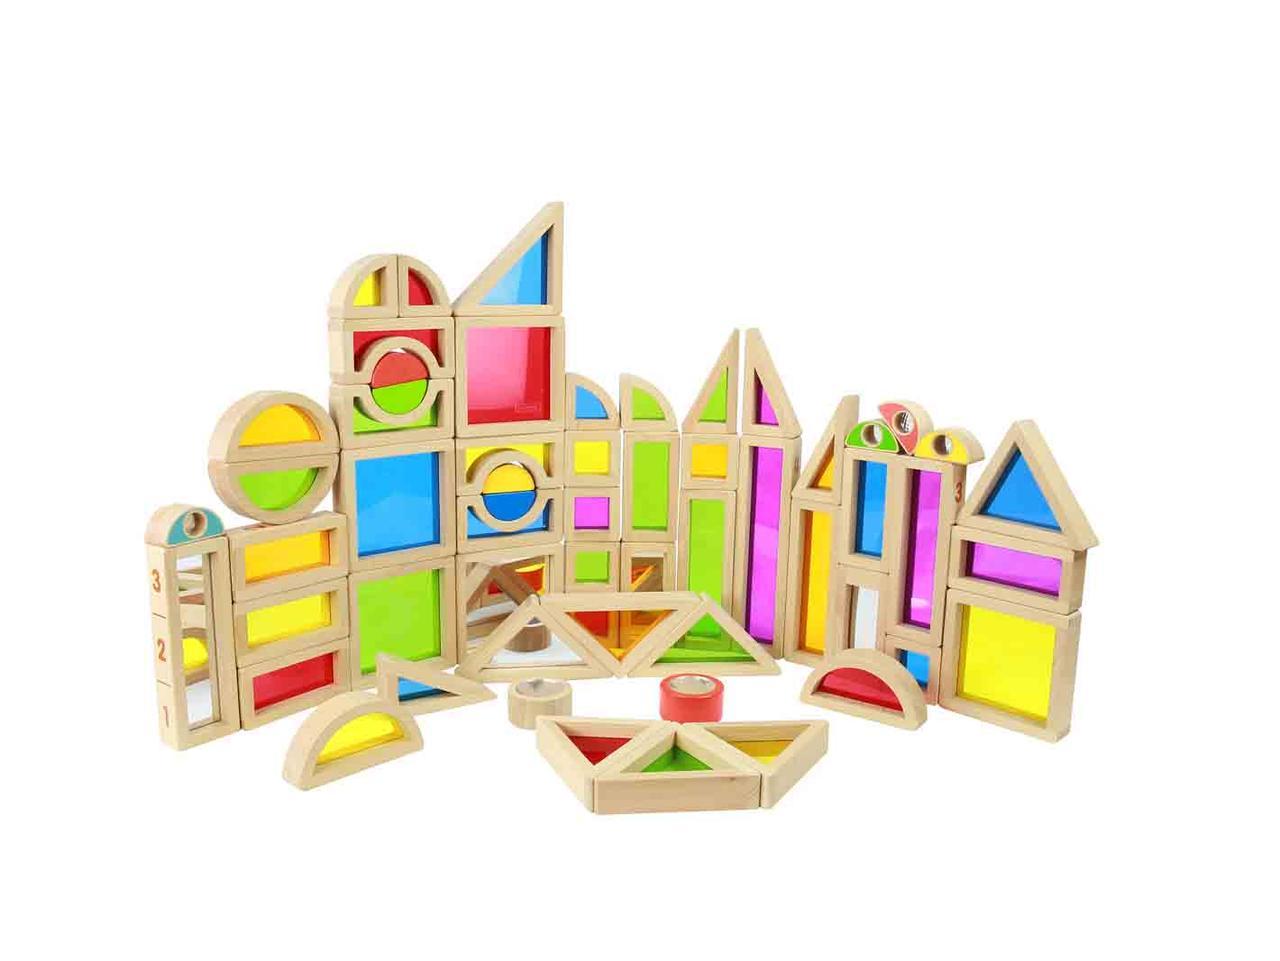 Игровой набор цветных блоков 58 штук Masterkidz ME09739